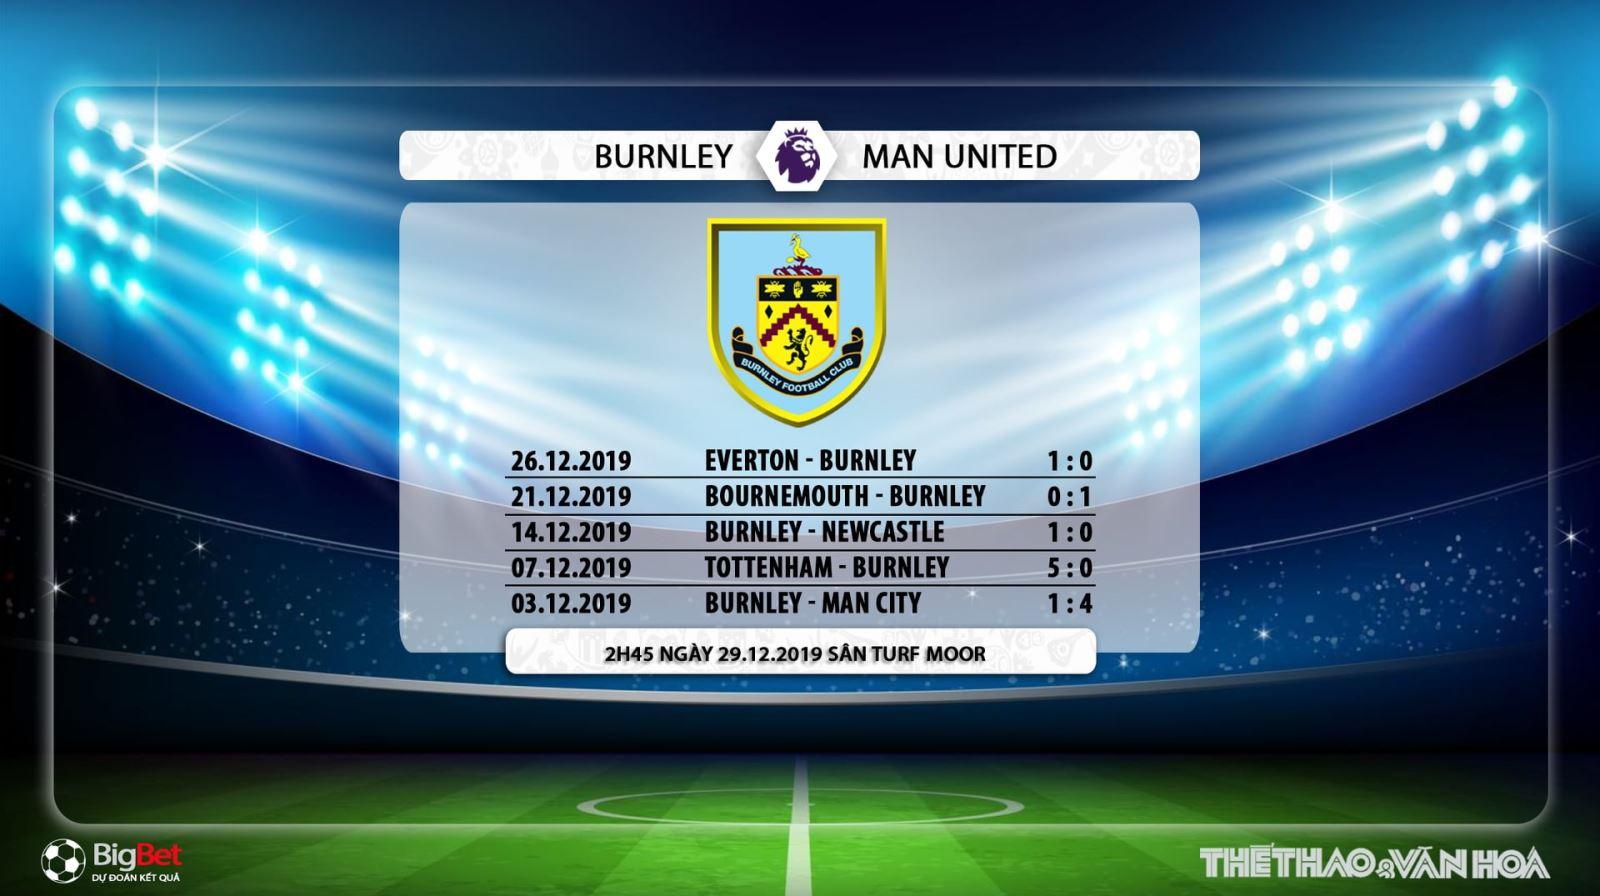 Burnley vs MU, trực tiếp bóng đá, MU, Burnley, soi kèo Burnley vs MU, MU, Burnley, nhận định Burnley vs MU, lịch thi đấu bóng đá